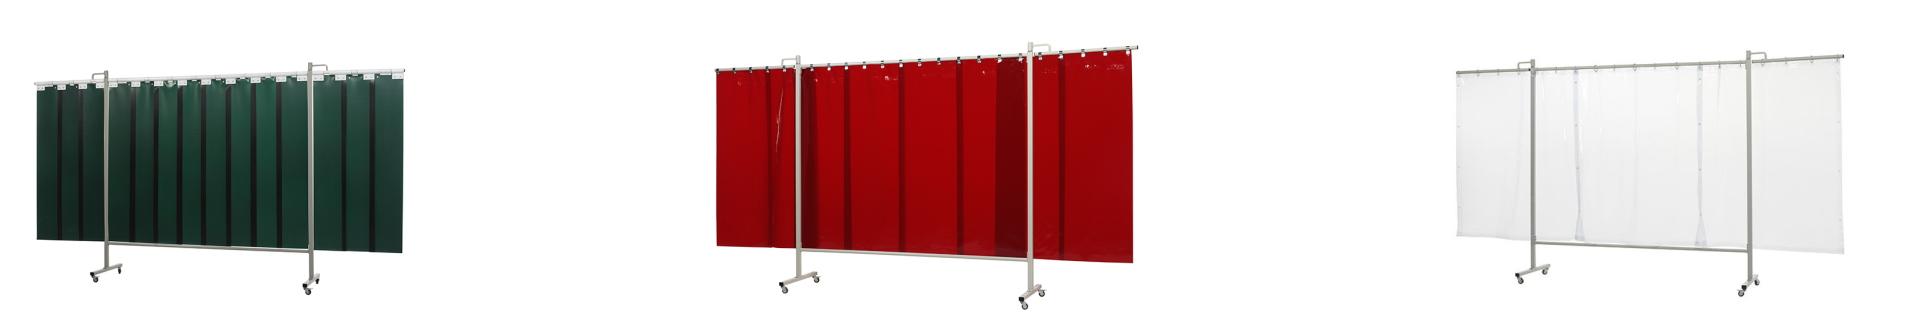 Ekran spawalniczy zielony czerwony lub przejrzysty Kiner